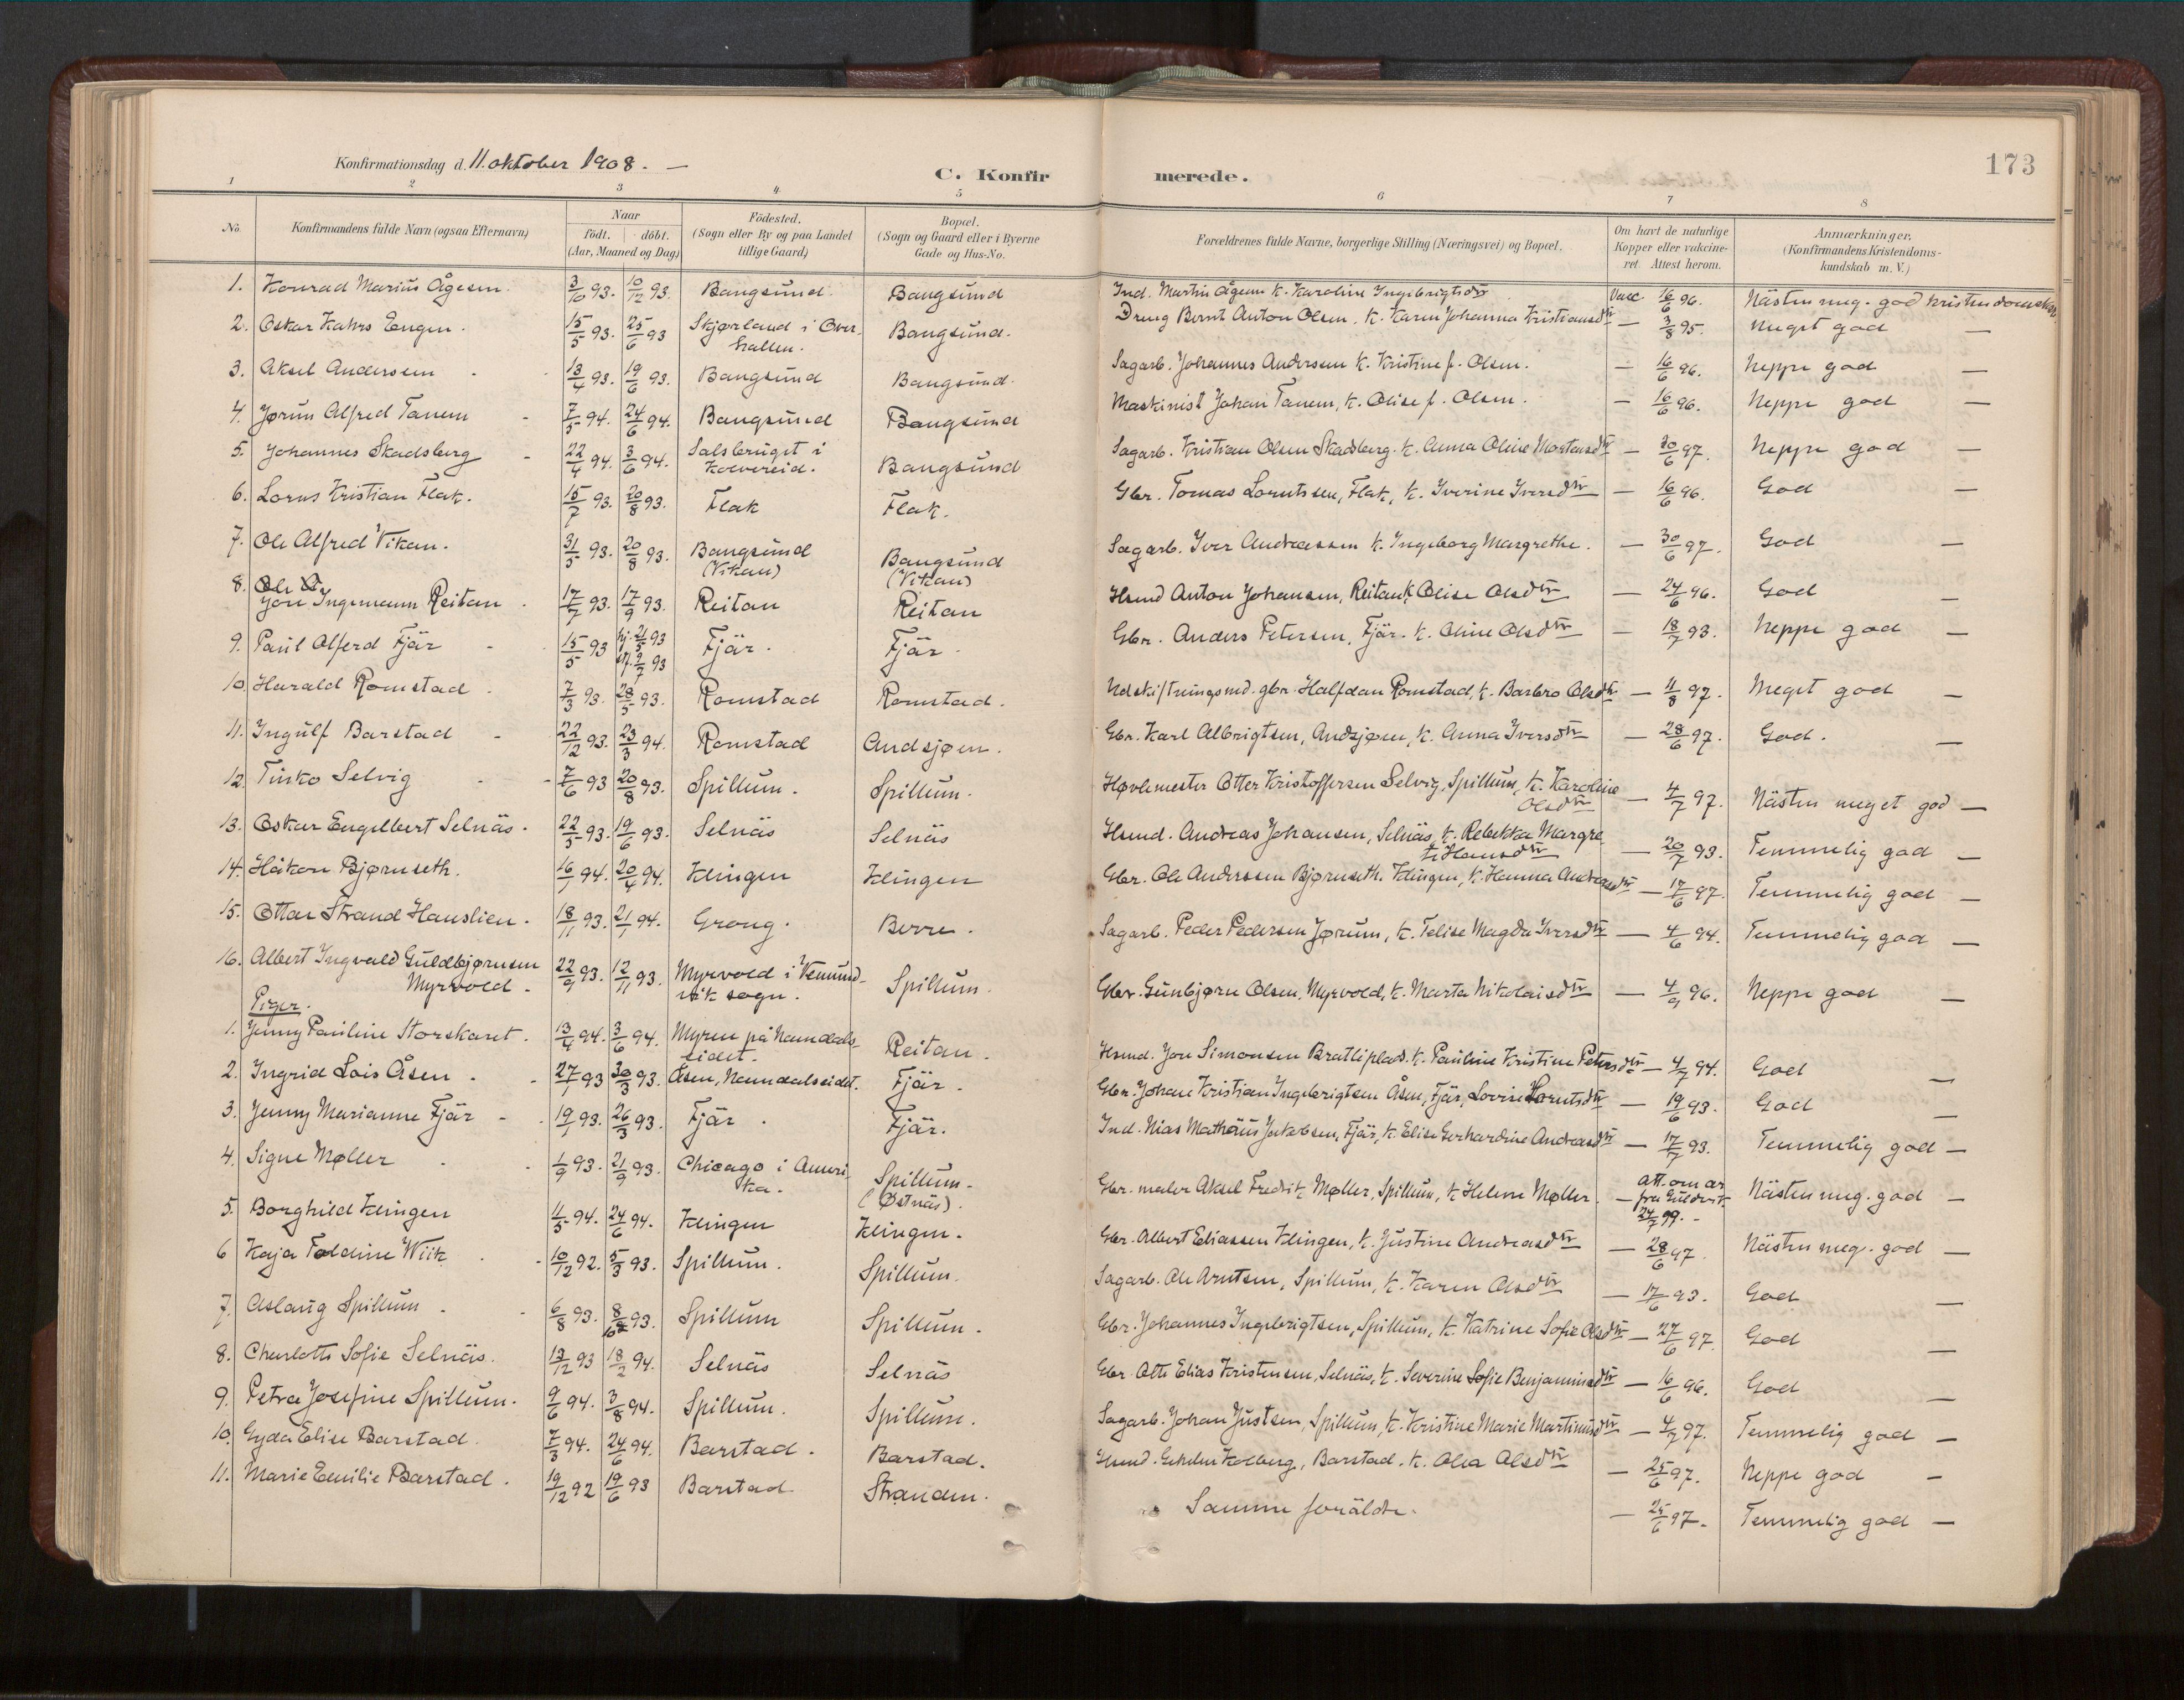 SAT, Ministerialprotokoller, klokkerbøker og fødselsregistre - Nord-Trøndelag, 770/L0589: Ministerialbok nr. 770A03, 1887-1929, s. 173